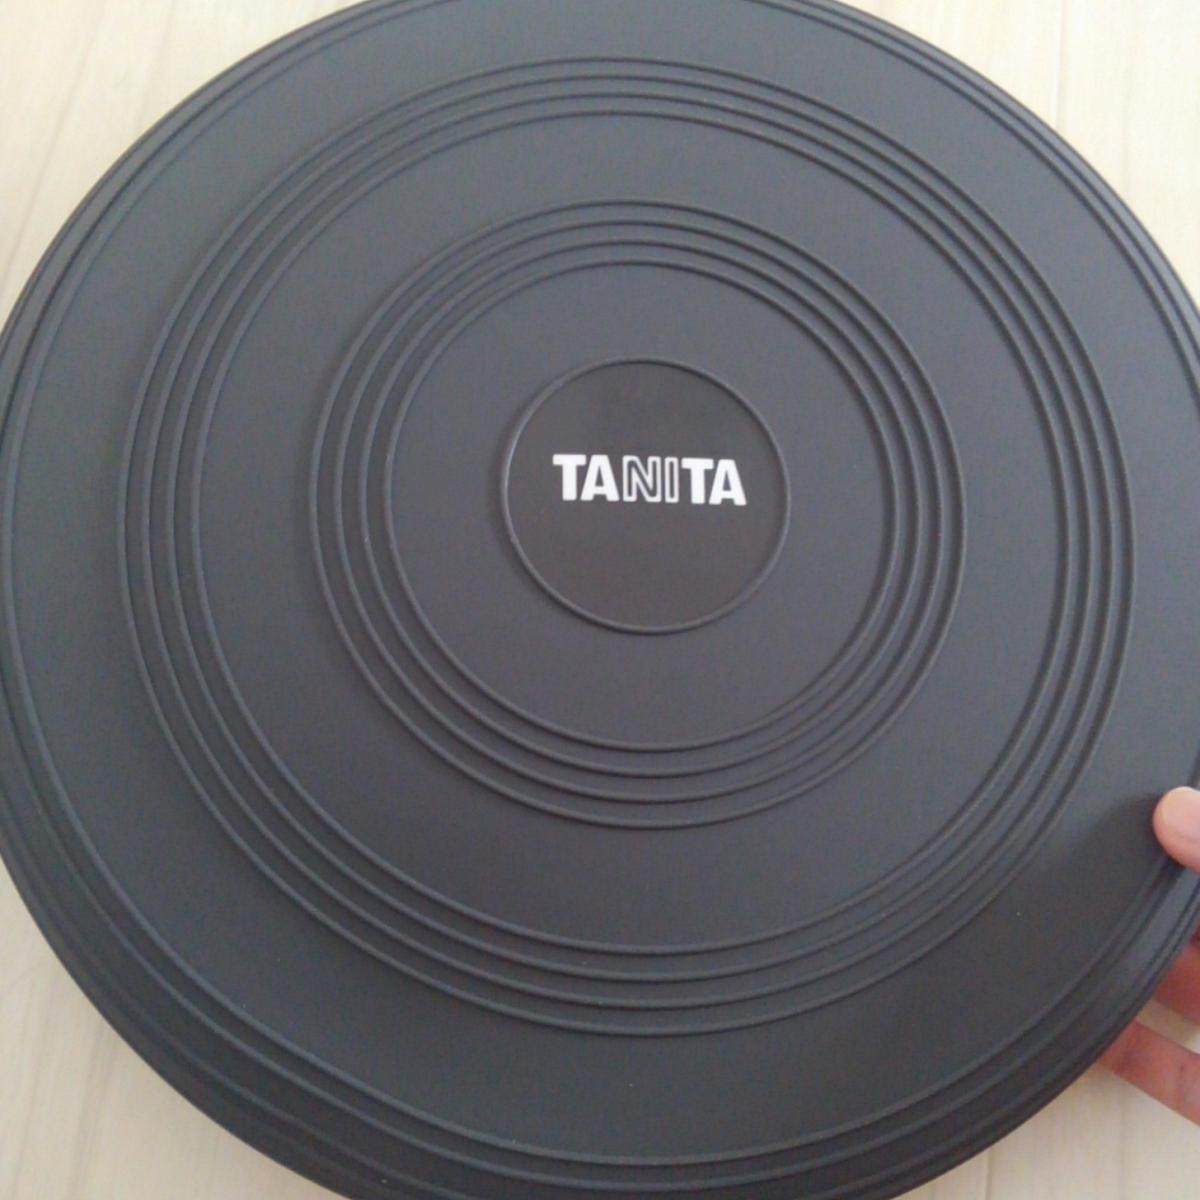 タニタ バランスクッション テレワーク 腰痛軽減